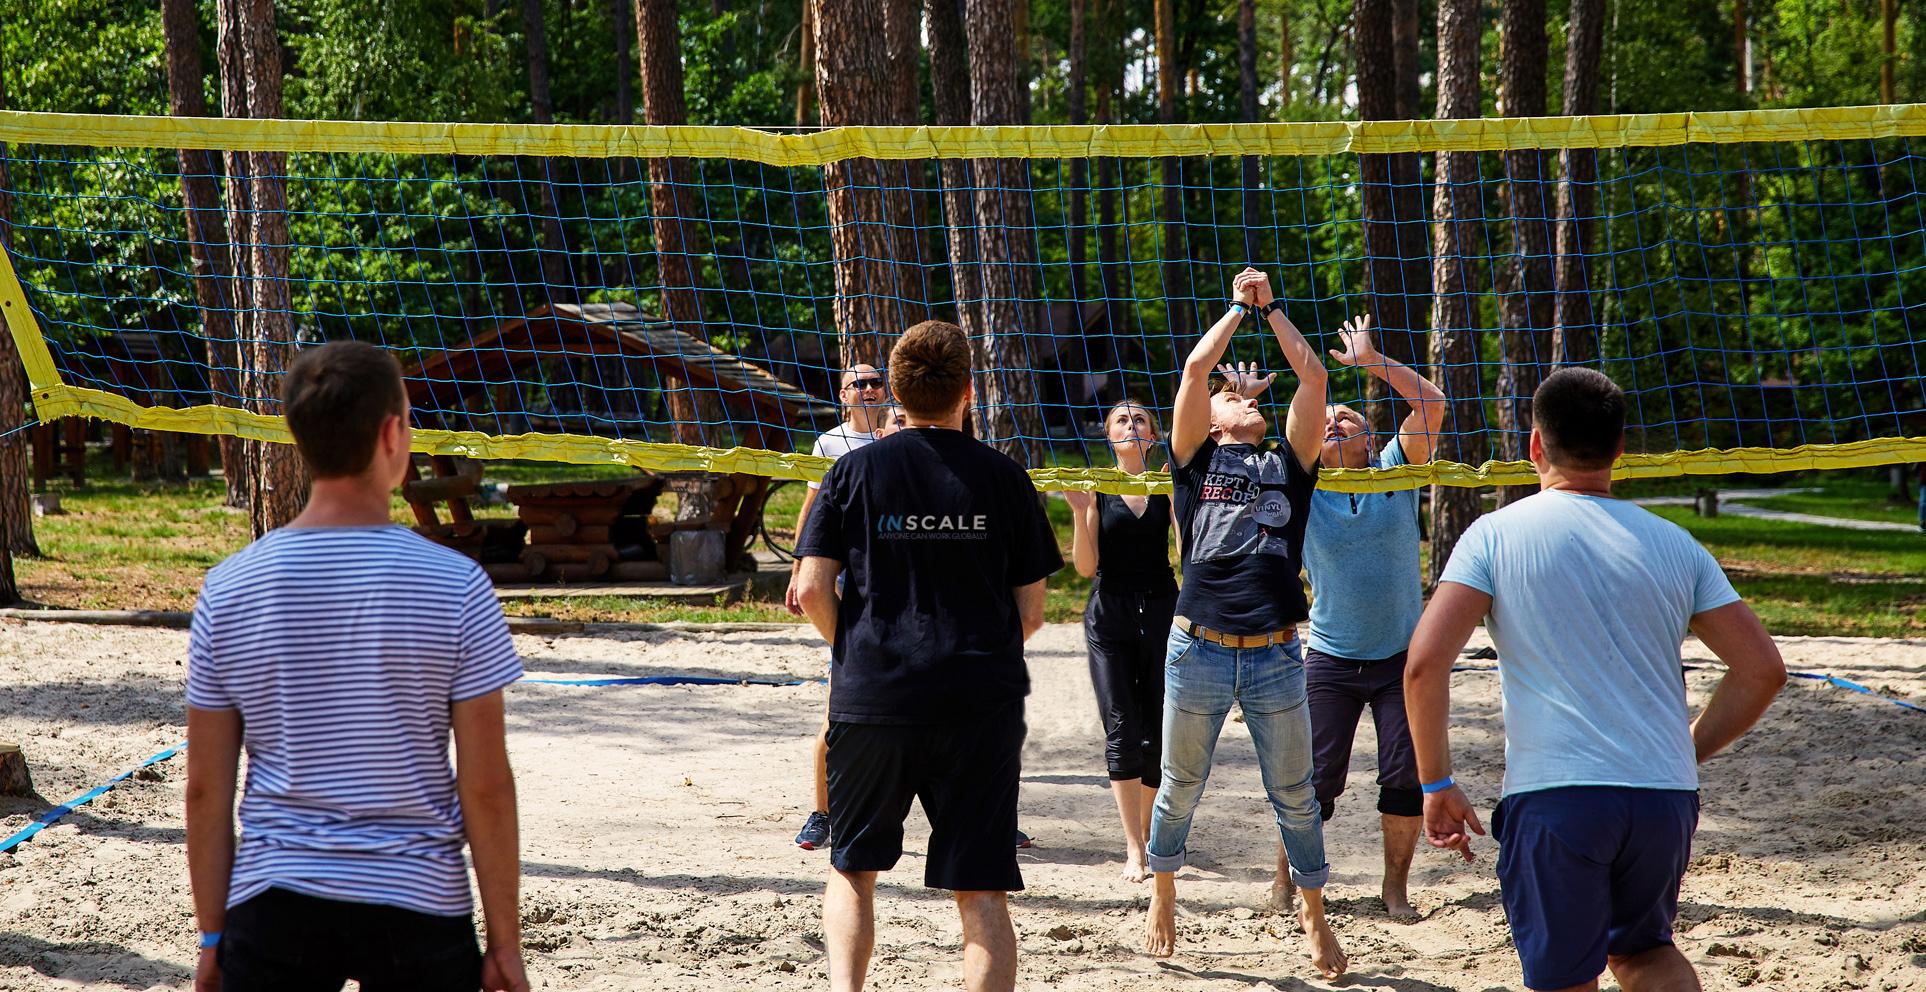 INSCALE - Team Spirit - Volleyball